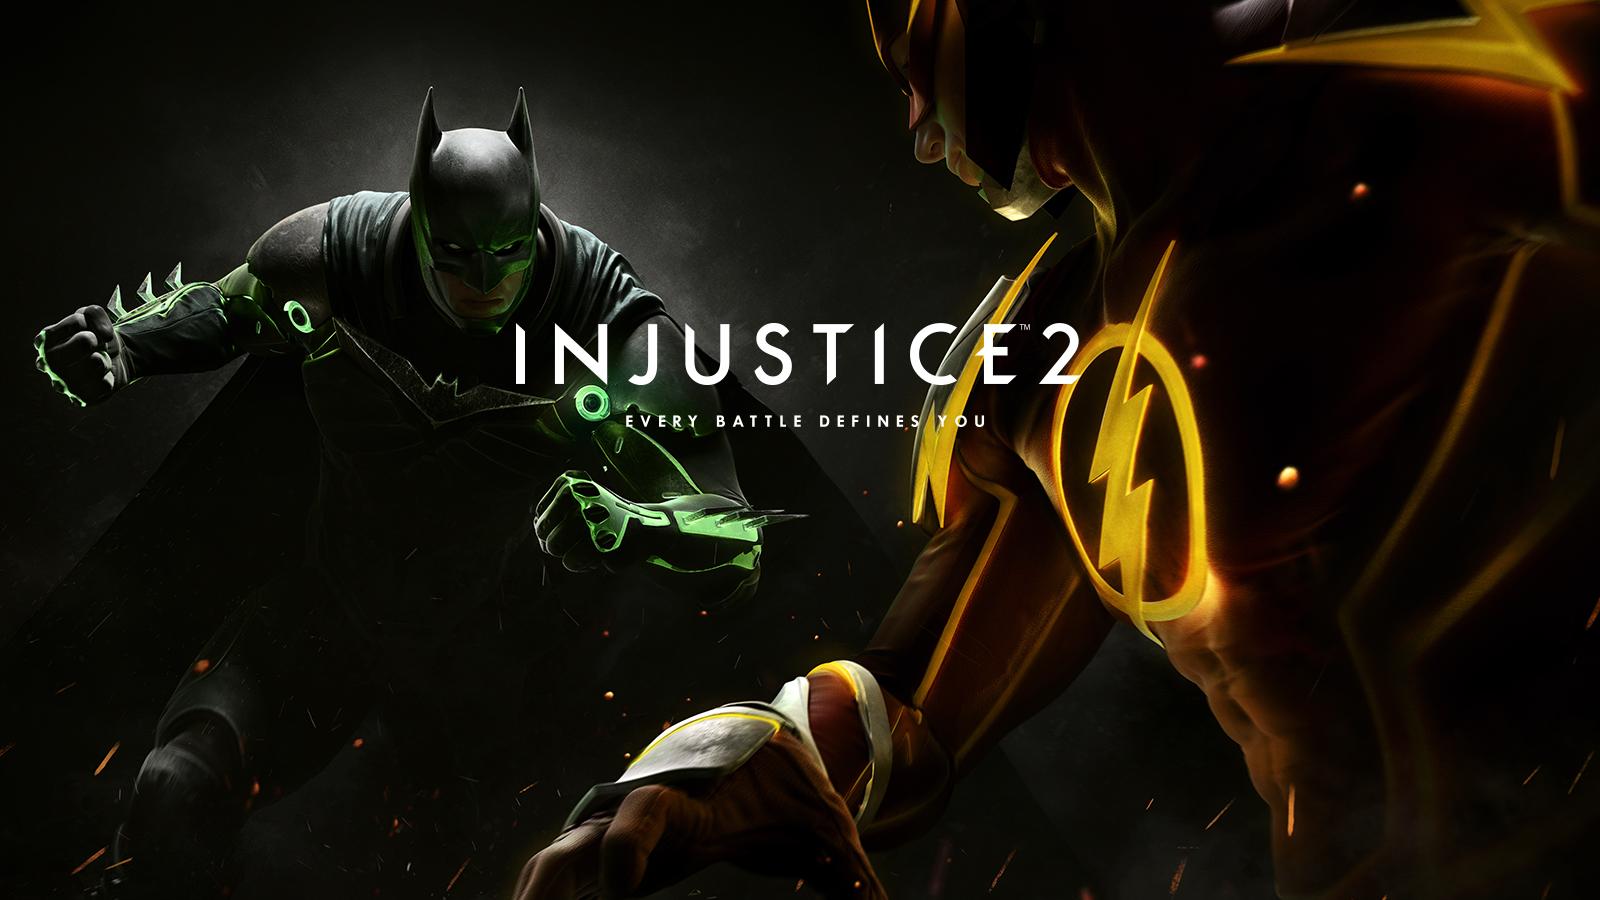 Вийшов трейлер Injustice 2, який анонсує геймплей Чорної Канарейки